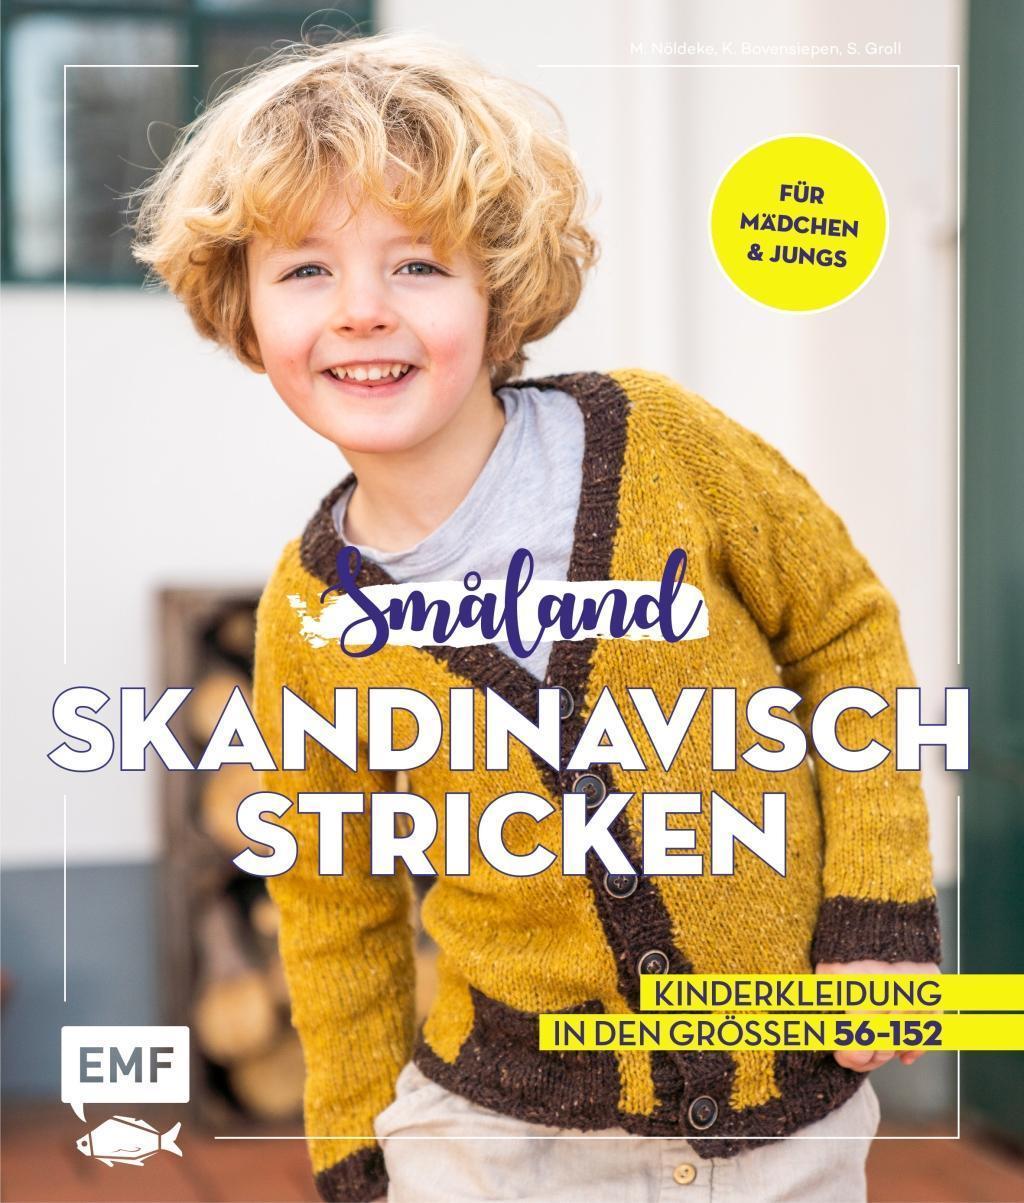 Småland Skandinavisch stricken für Babys und Kinder